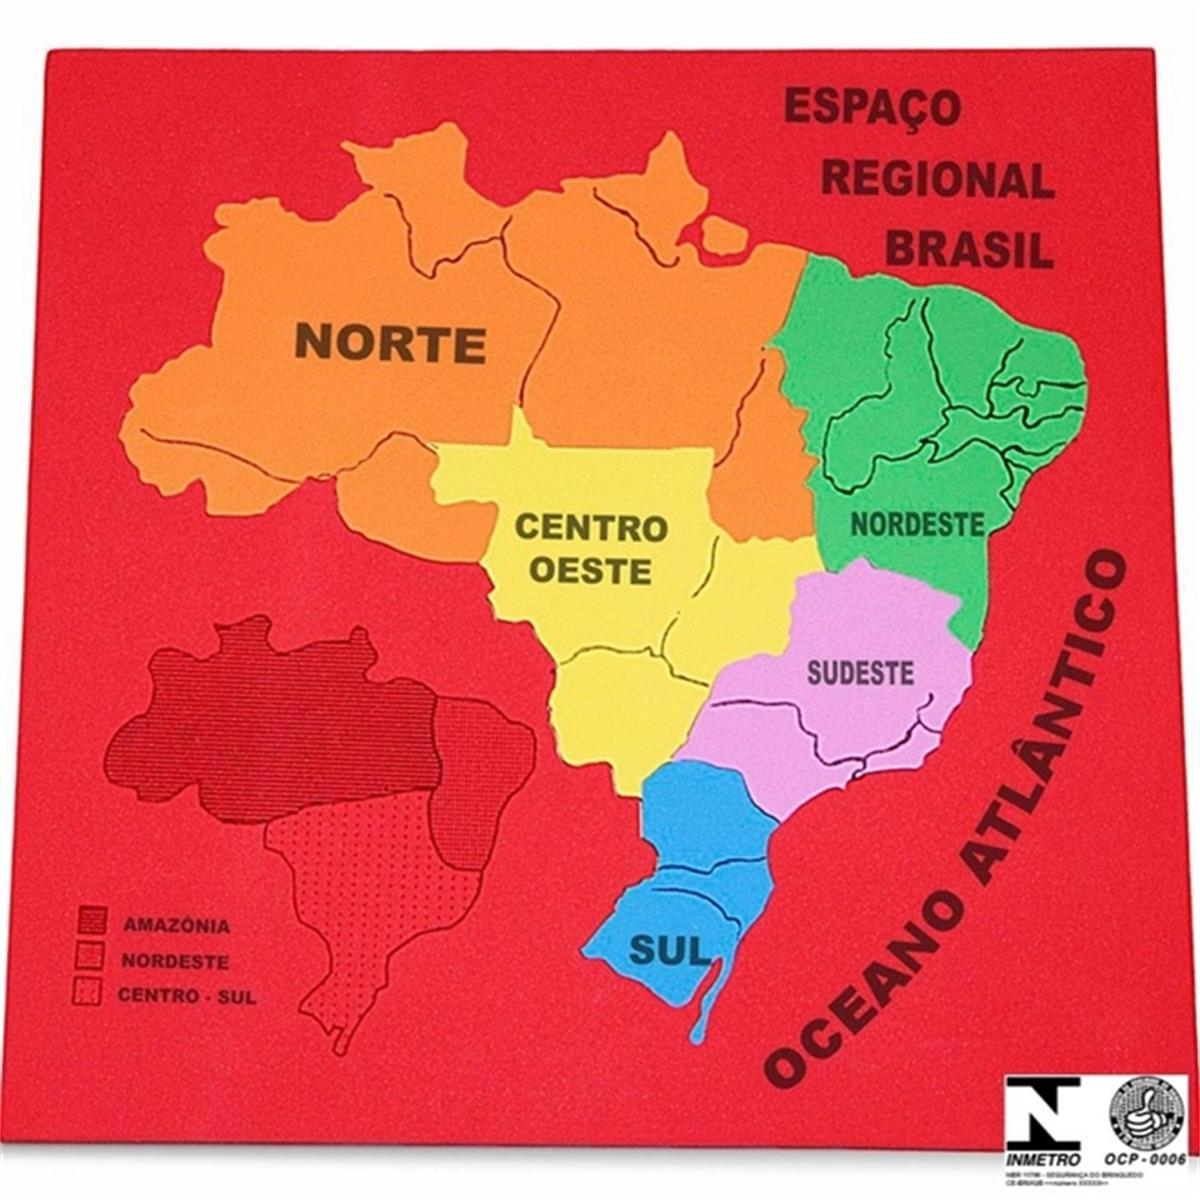 Mapa Espaço Regional  - Alegria Brinquedos